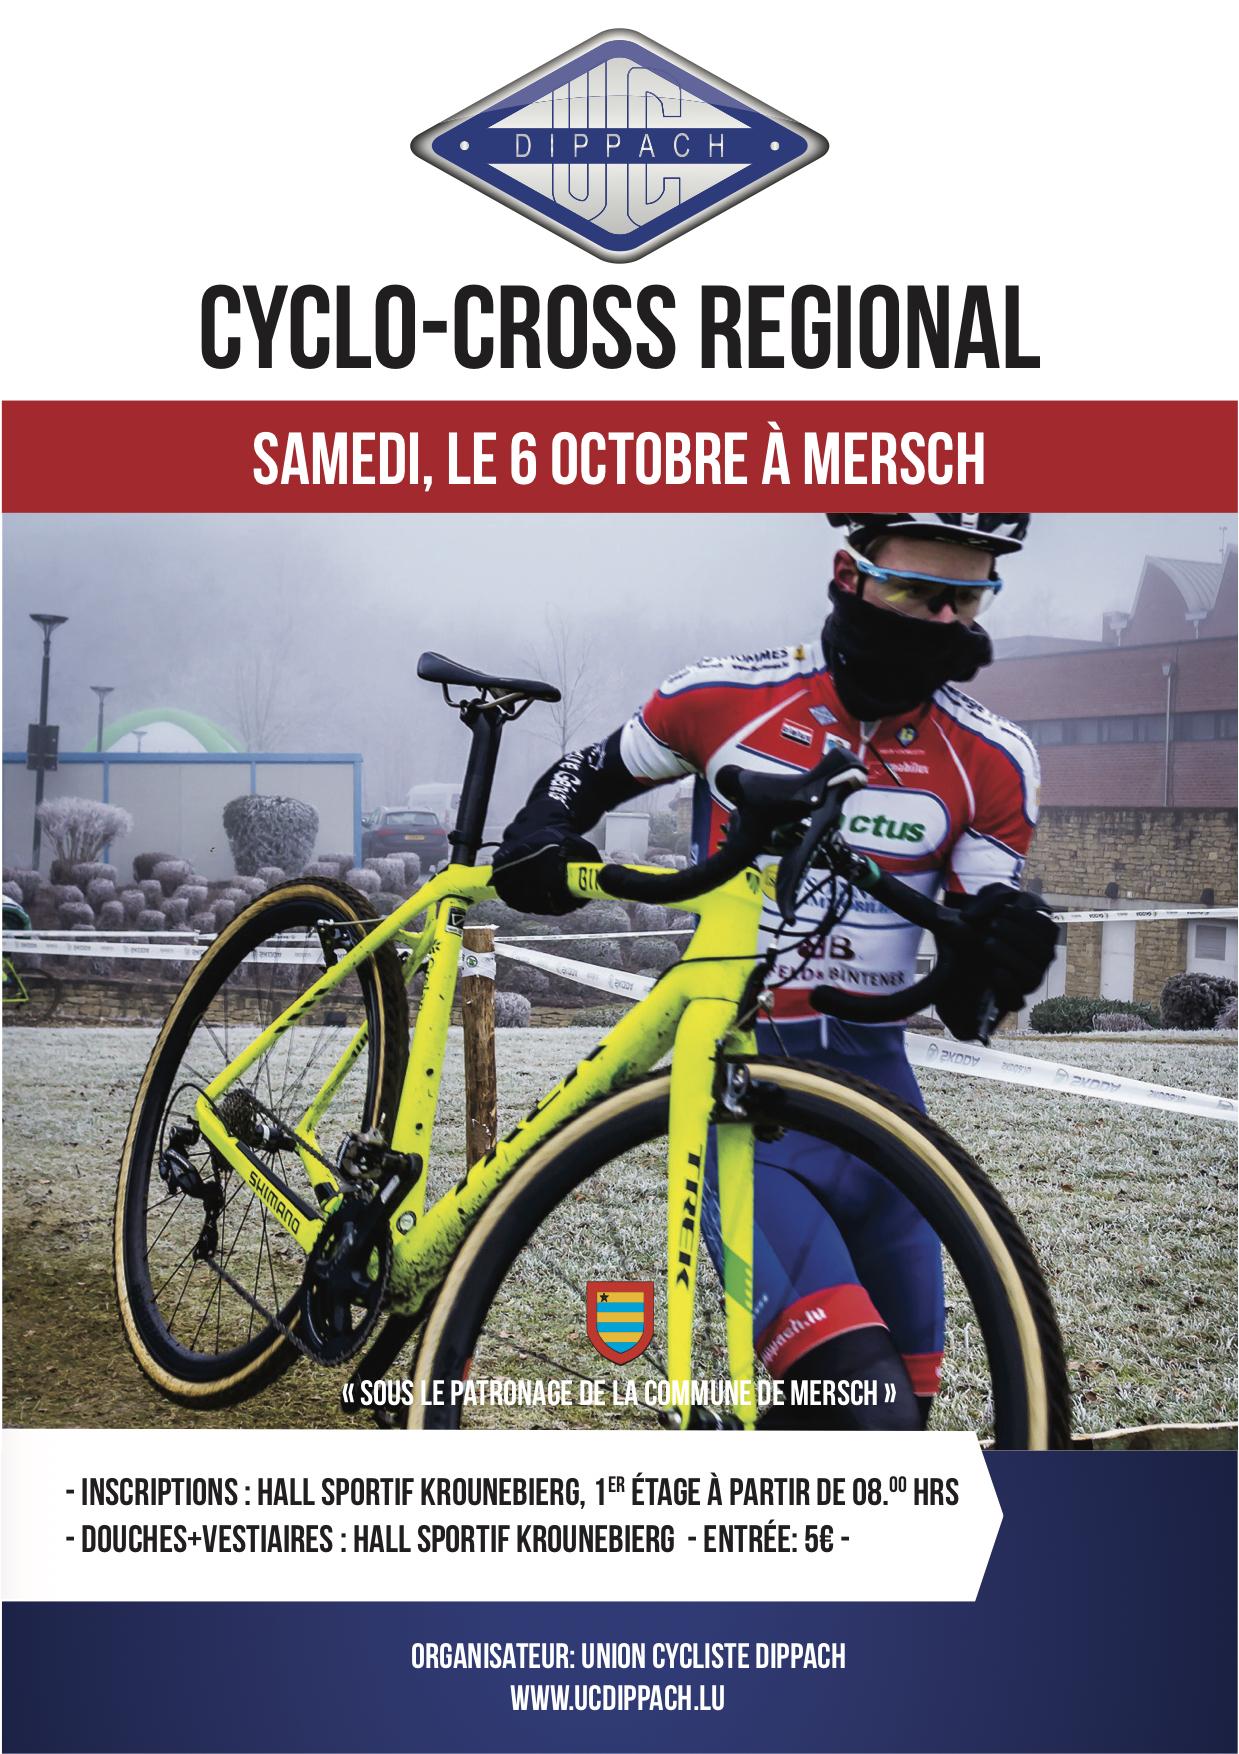 Cyclo Cross 2018 vun der UC Dippach zu Miersch